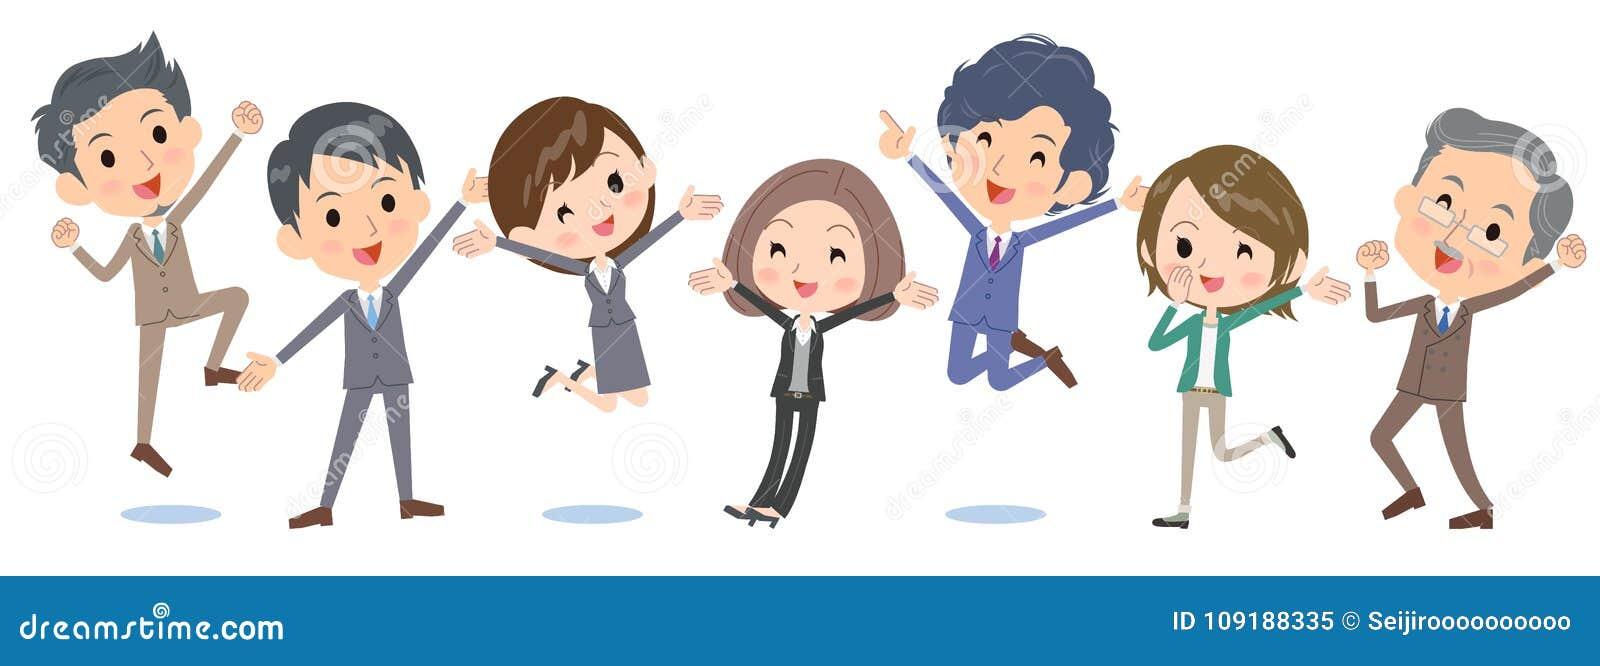 People_jump do negócio feliz de lado a lado